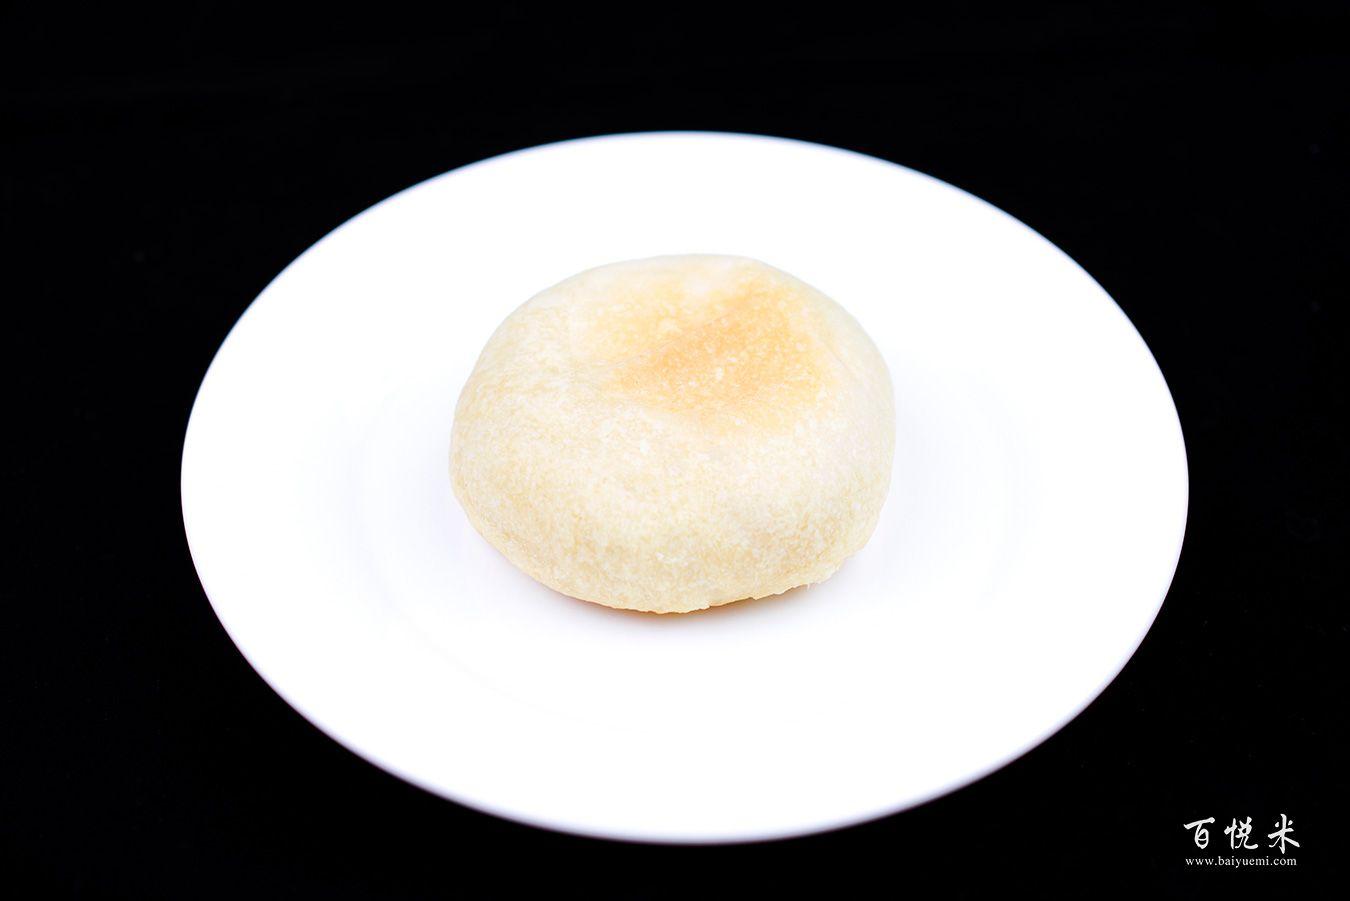 酥皮绿豆饼高清图片大全【蛋糕图片】_913